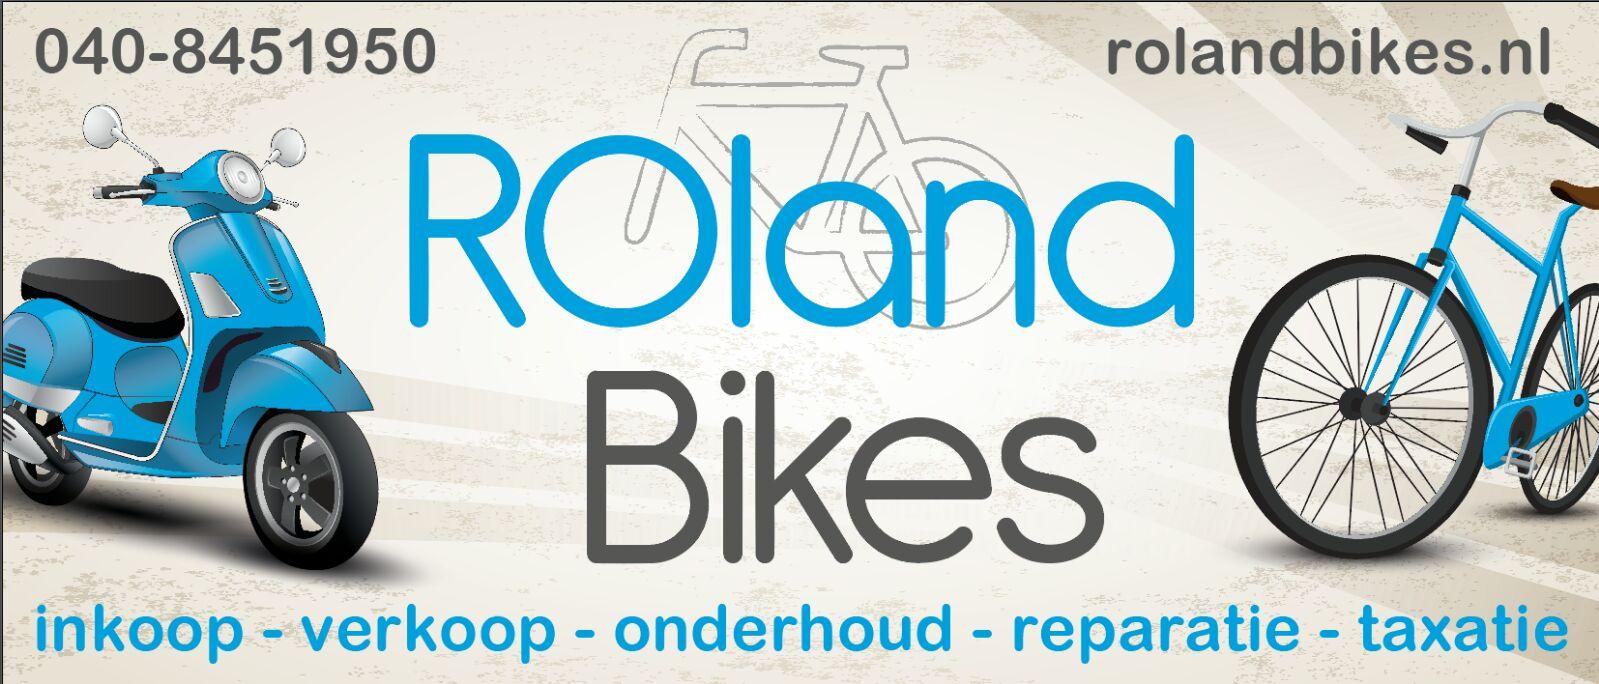 Roland Bikes